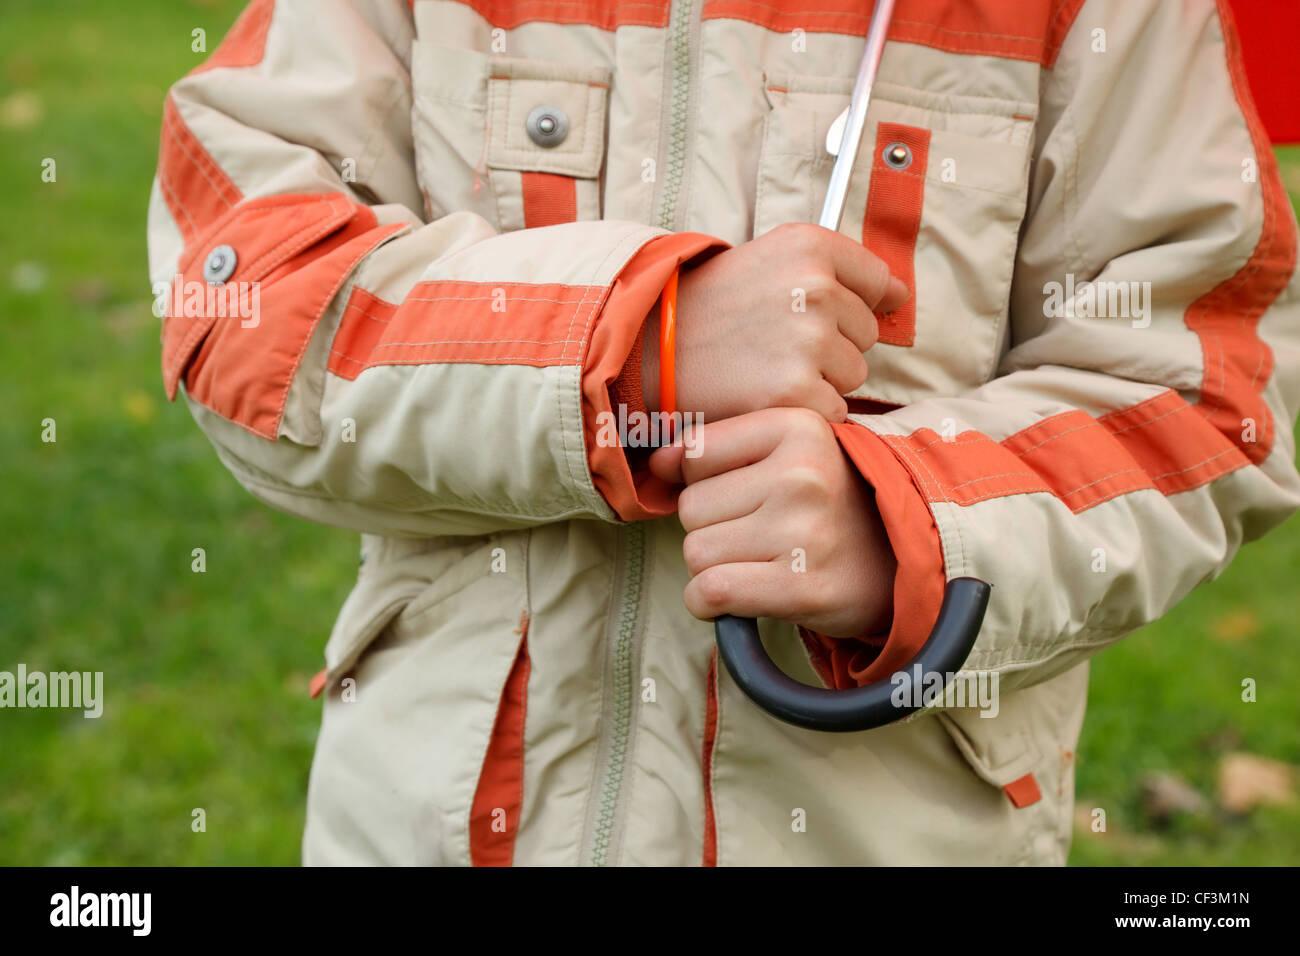 Manos de boy en chaqueta mantenga paraguas mango. Сlose arriba. Formato horizontal. Imagen De Stock